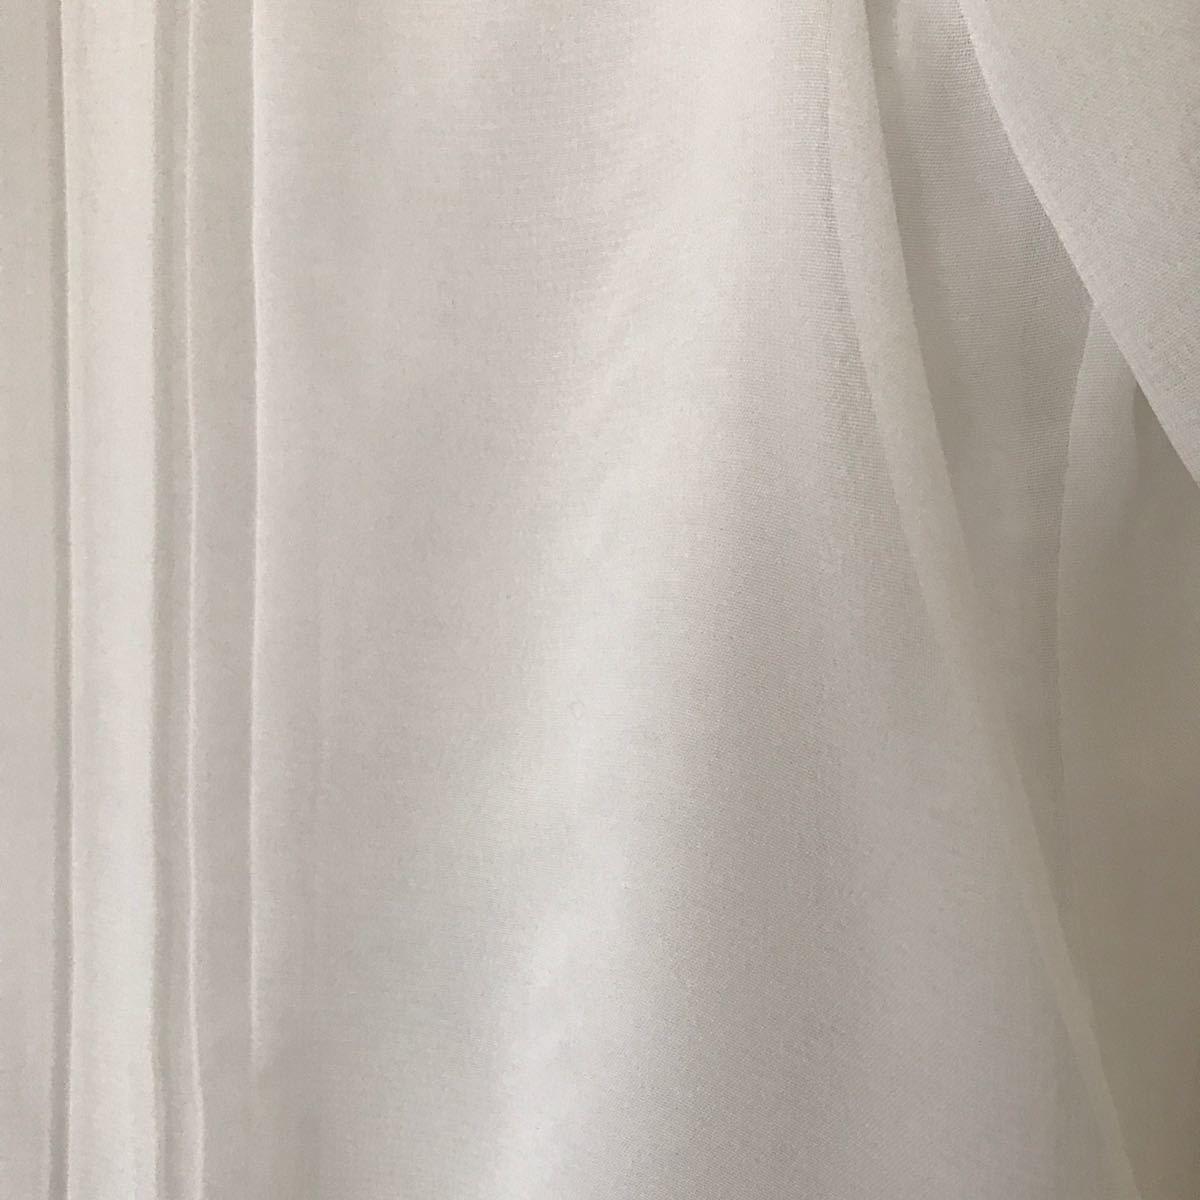 トップス 白ブラウス 入学式 卒業式 七分袖